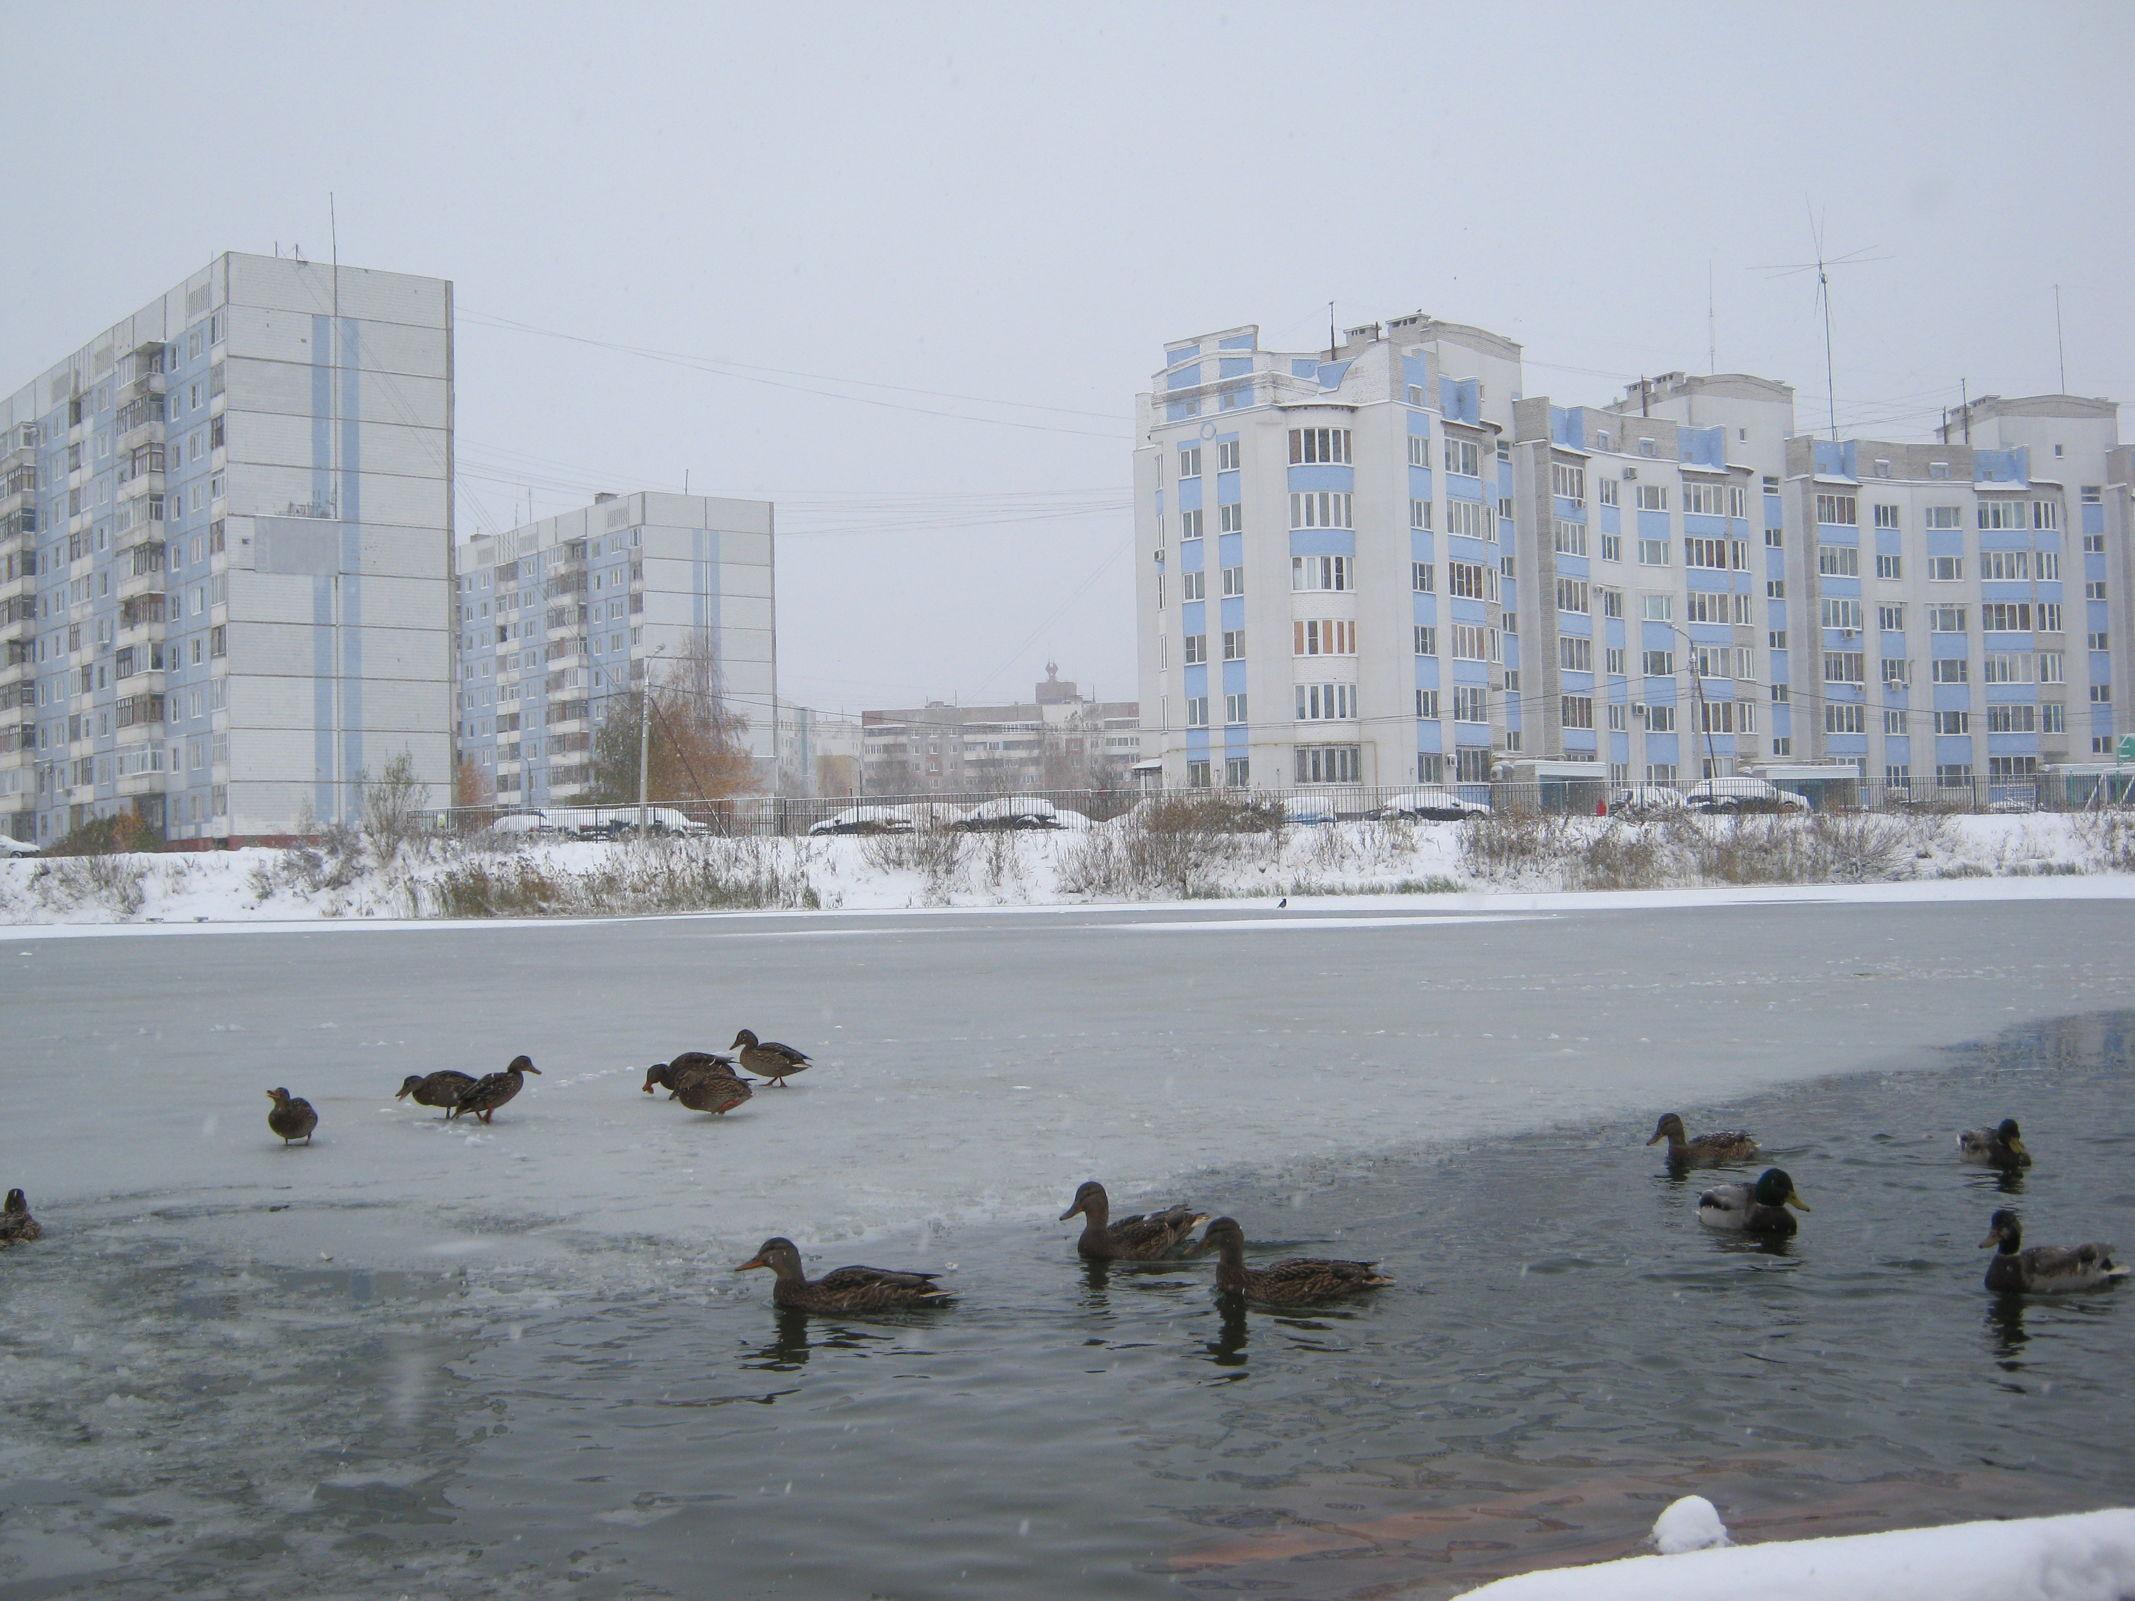 В последние дни года сначала ударит мороз, а затем он сменится оттепелью